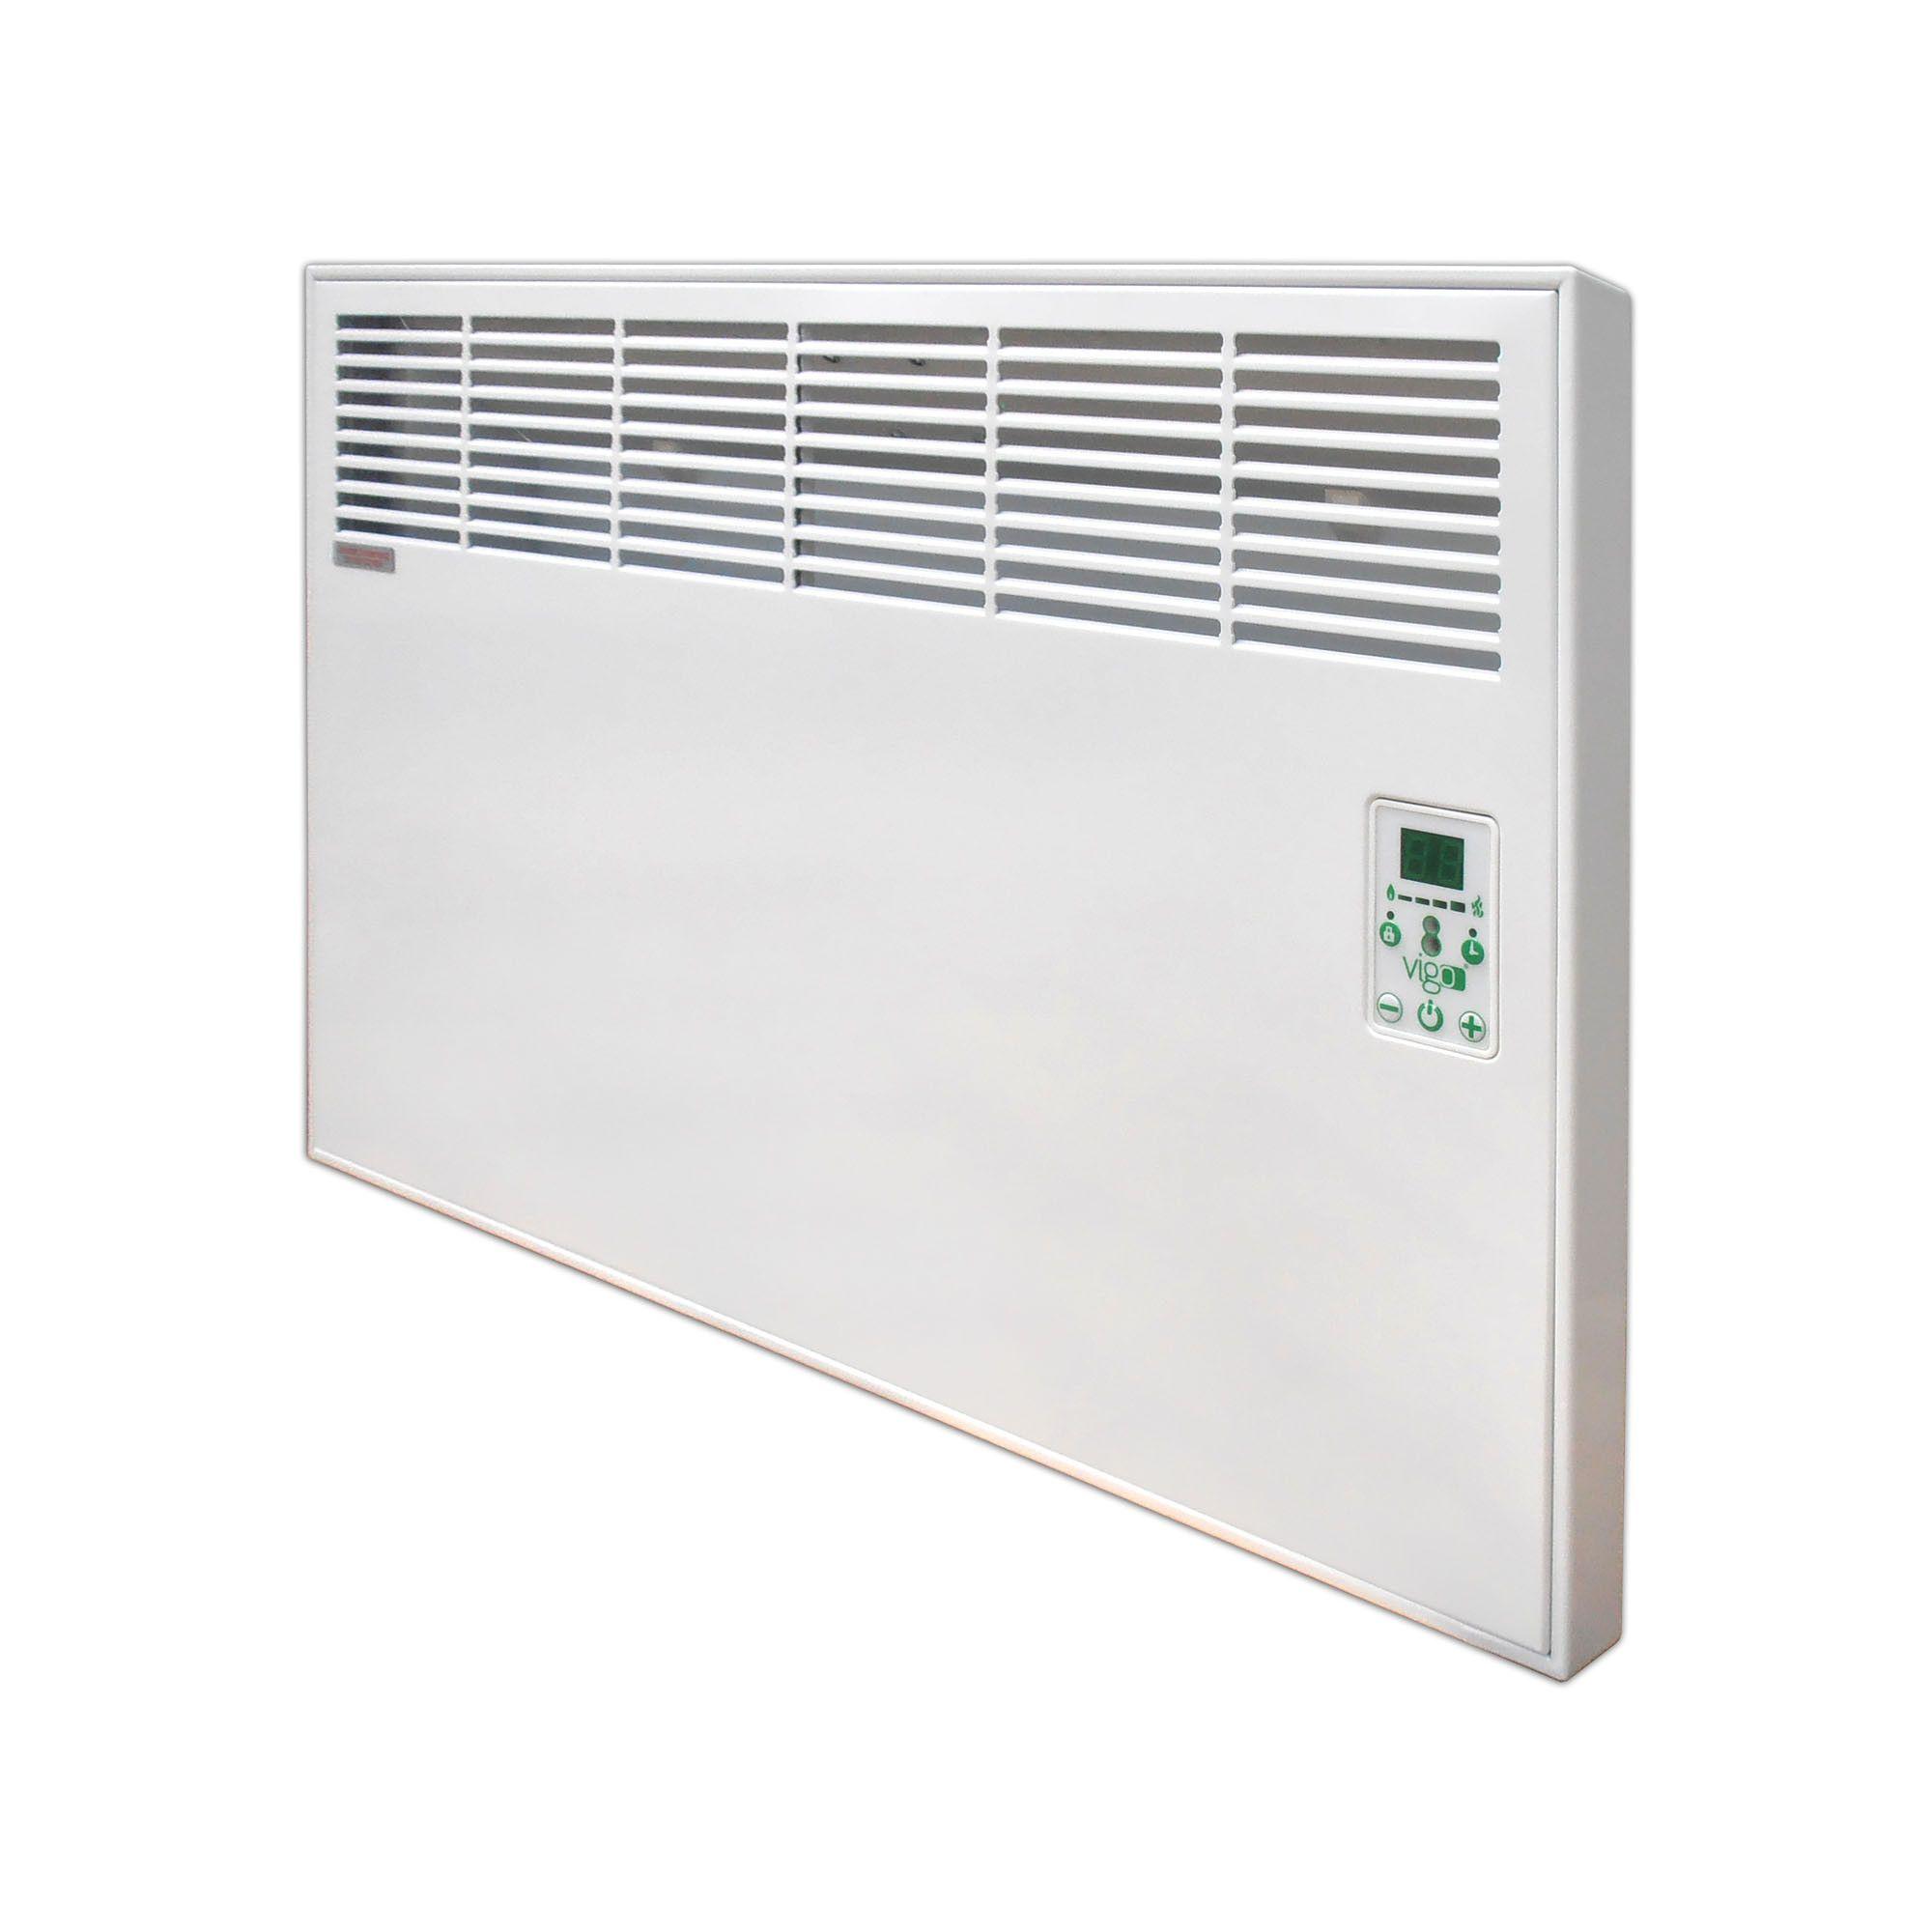 Fotografie Convector de perete sau pardoseala Ivigo EPK 1000 W, control electronic, Termostat de siguranta, termostat reglabil, IP 24, ERP 2018